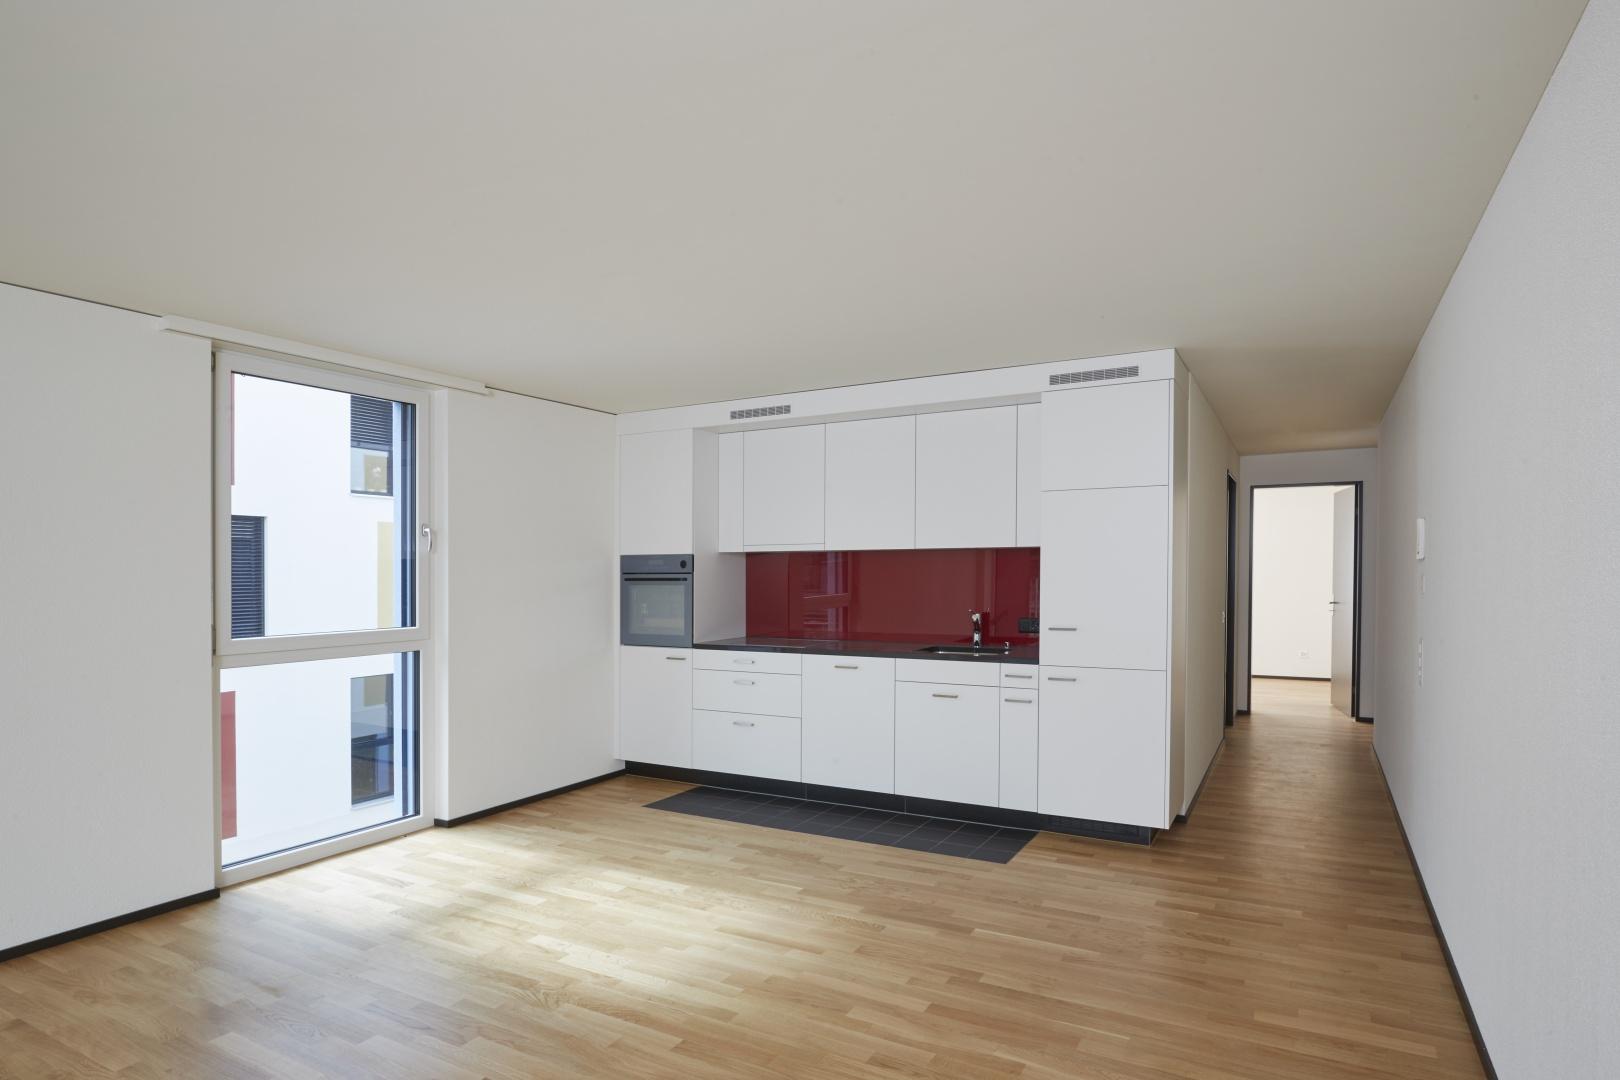 Innenraum_Küche © Heinz Unger, Schlieren